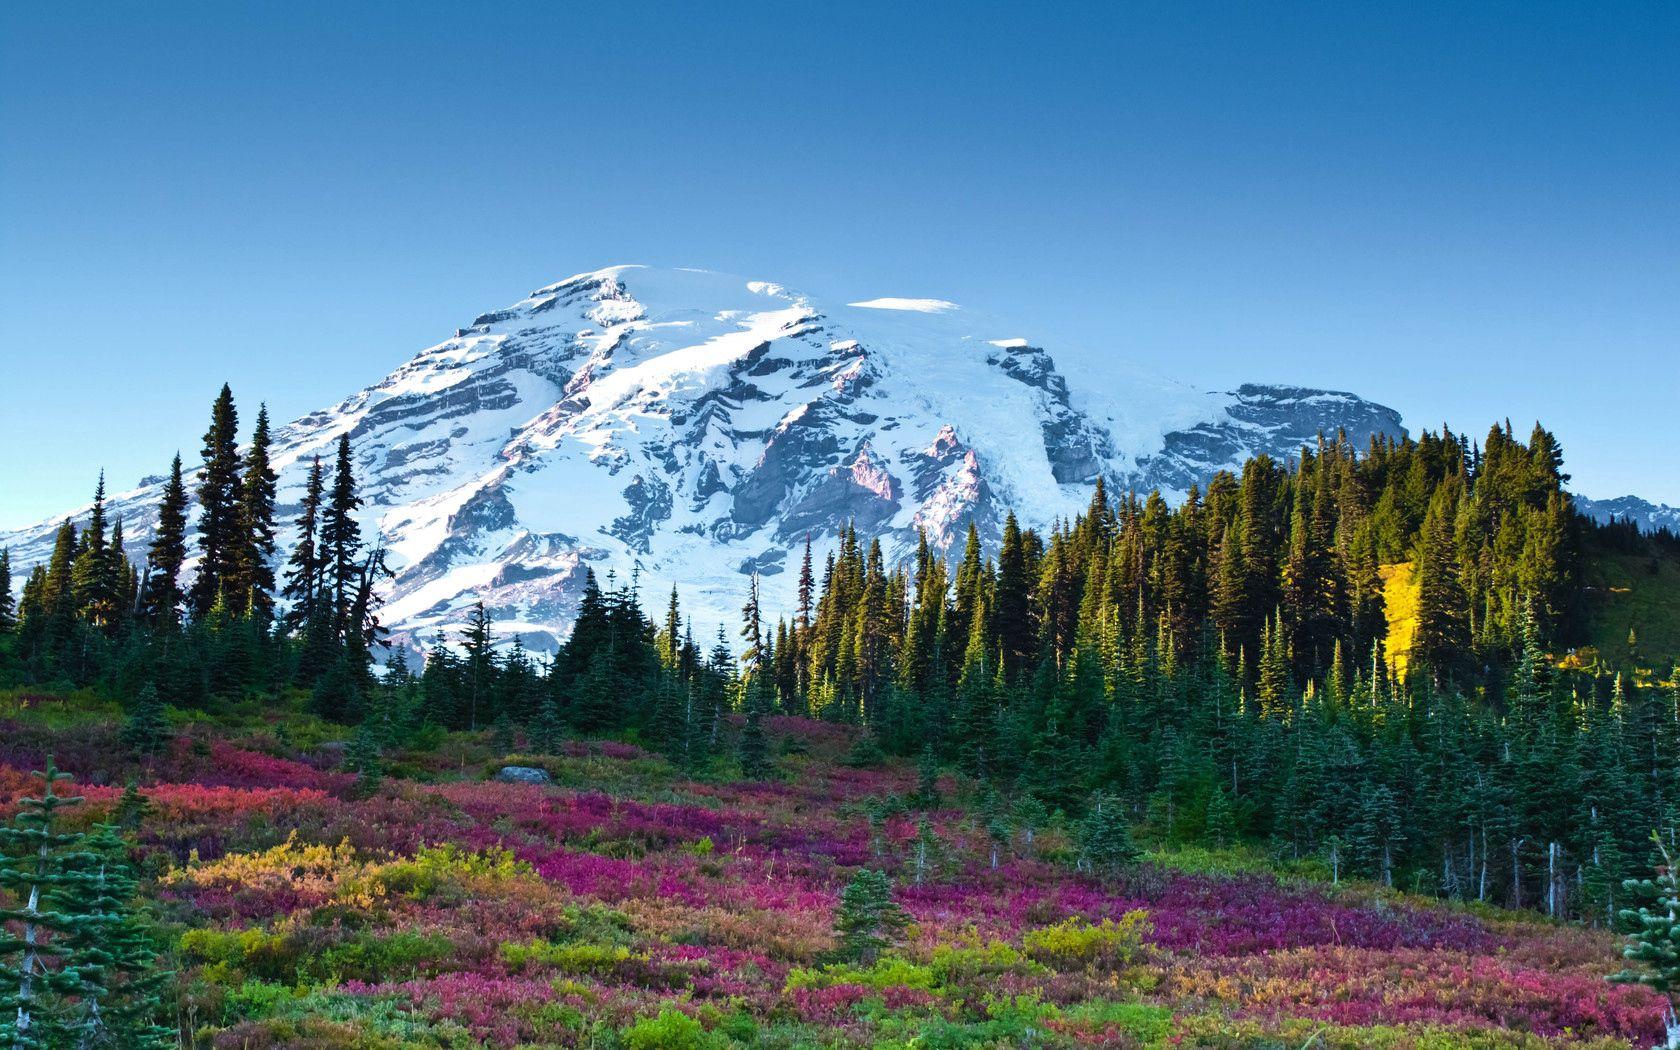 148082 télécharger le fond d'écran Nature, Montagne, Sky, Mangé, Ate, Paysage, Fleurs - économiseurs d'écran et images gratuitement